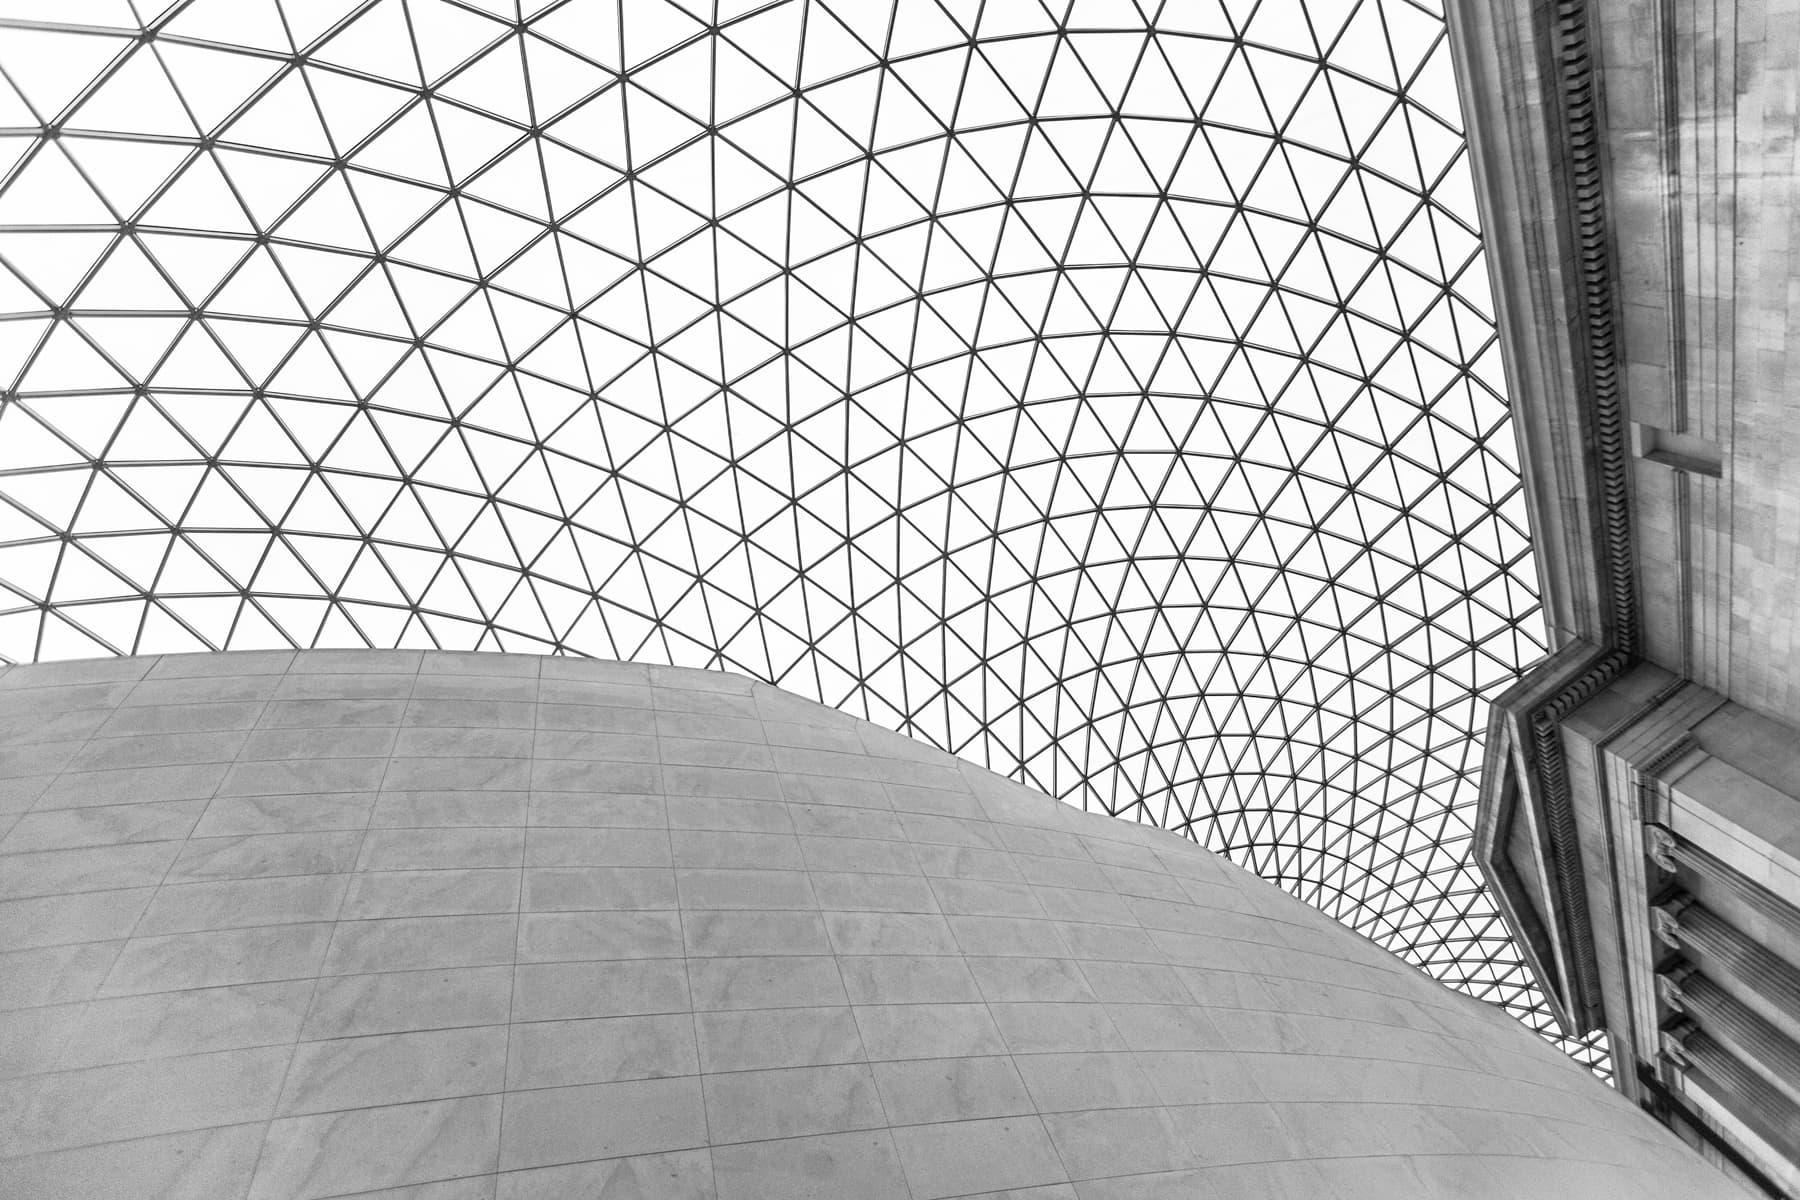 FabioBurrelliPhotography_Architecture_Interior_Web_7.jpg